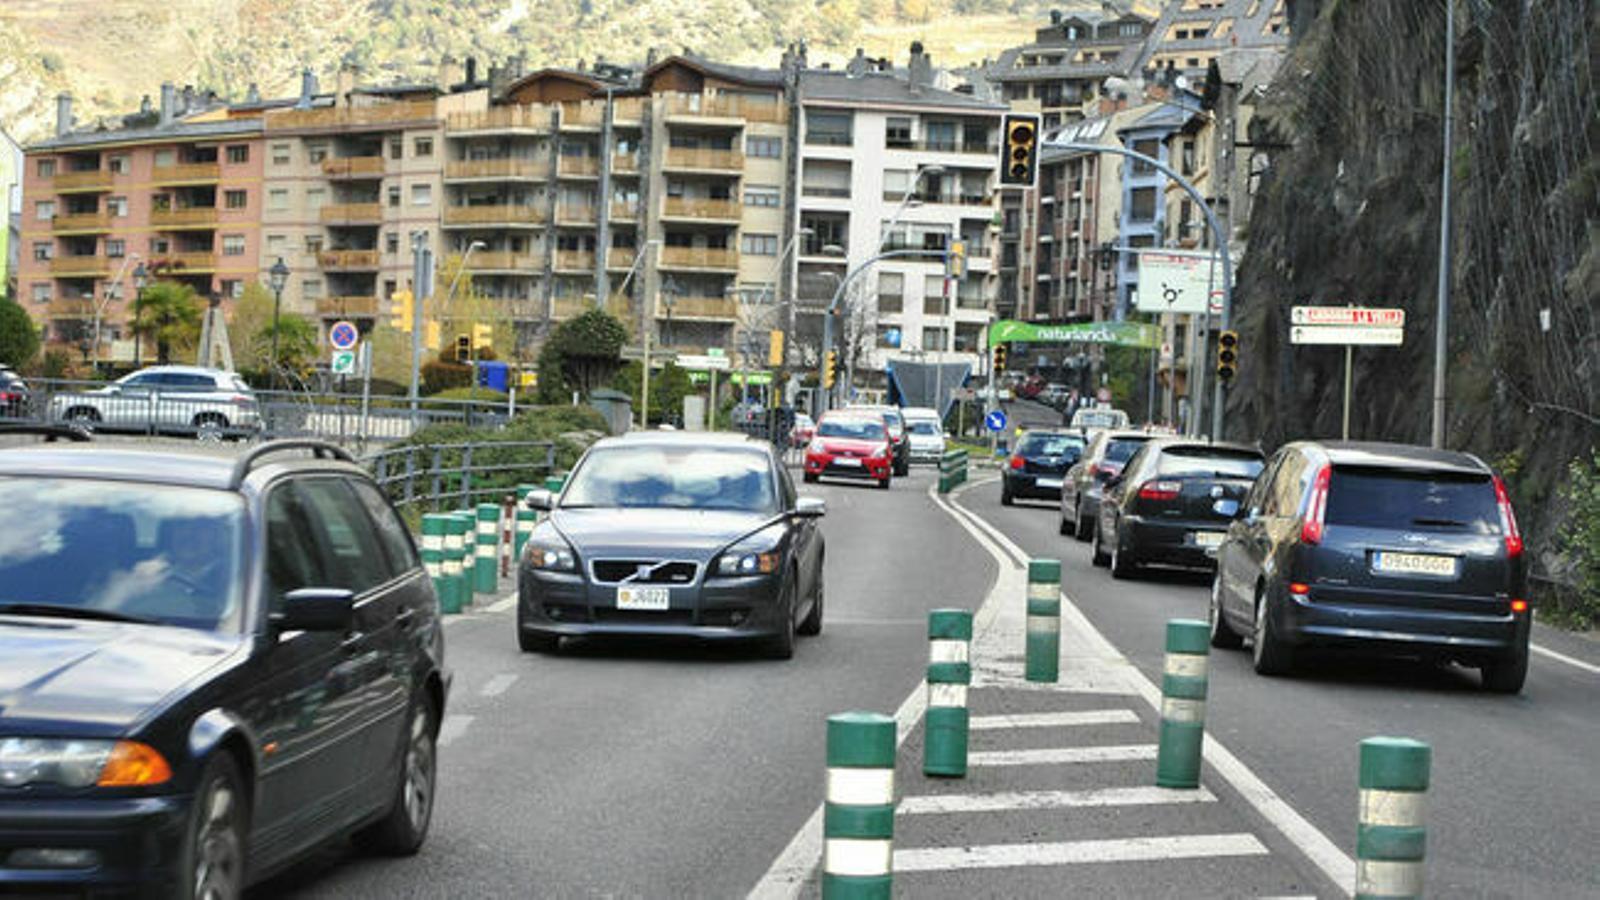 Vehicles circulant per Andorra. / M.R.F.